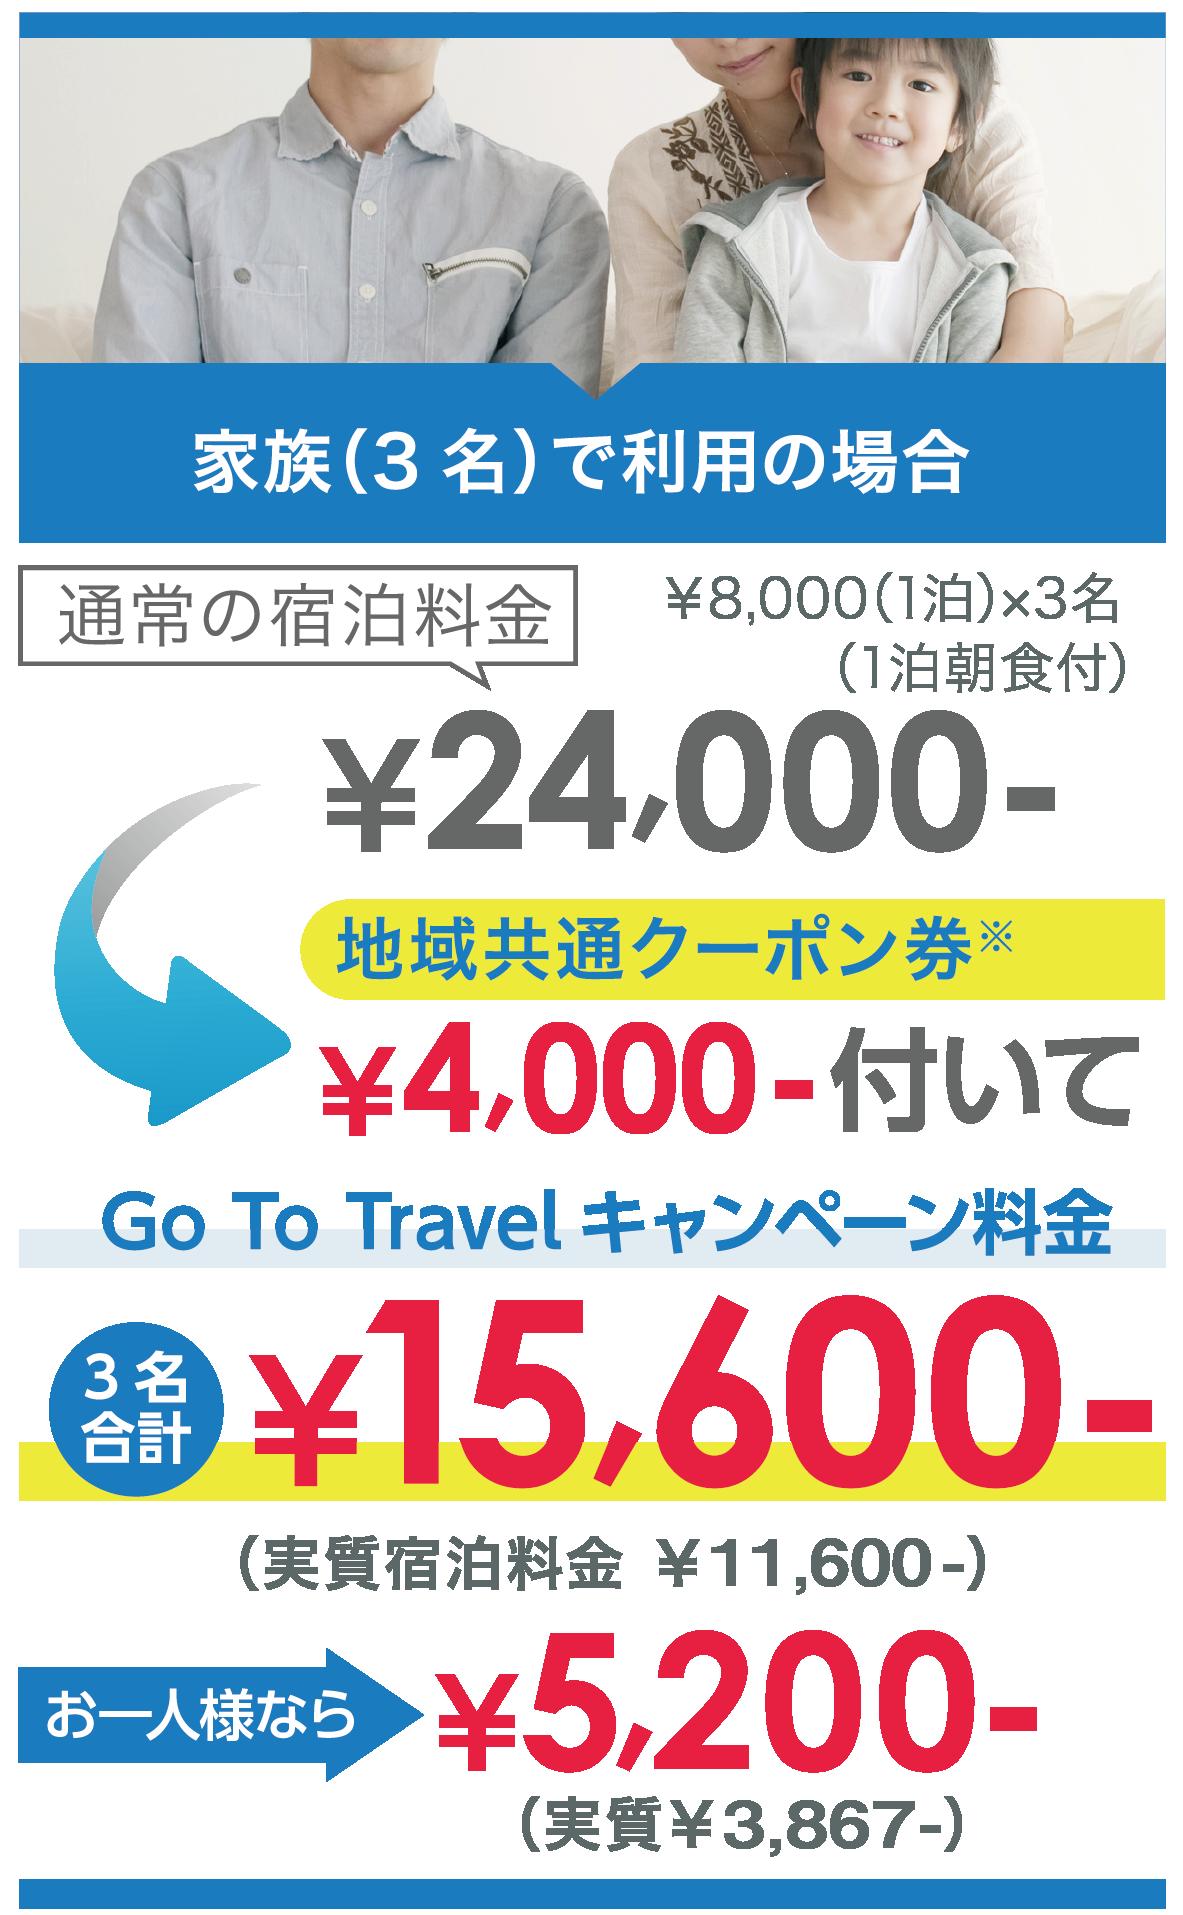 ゴートゥー いつから 東京 キャンペーン